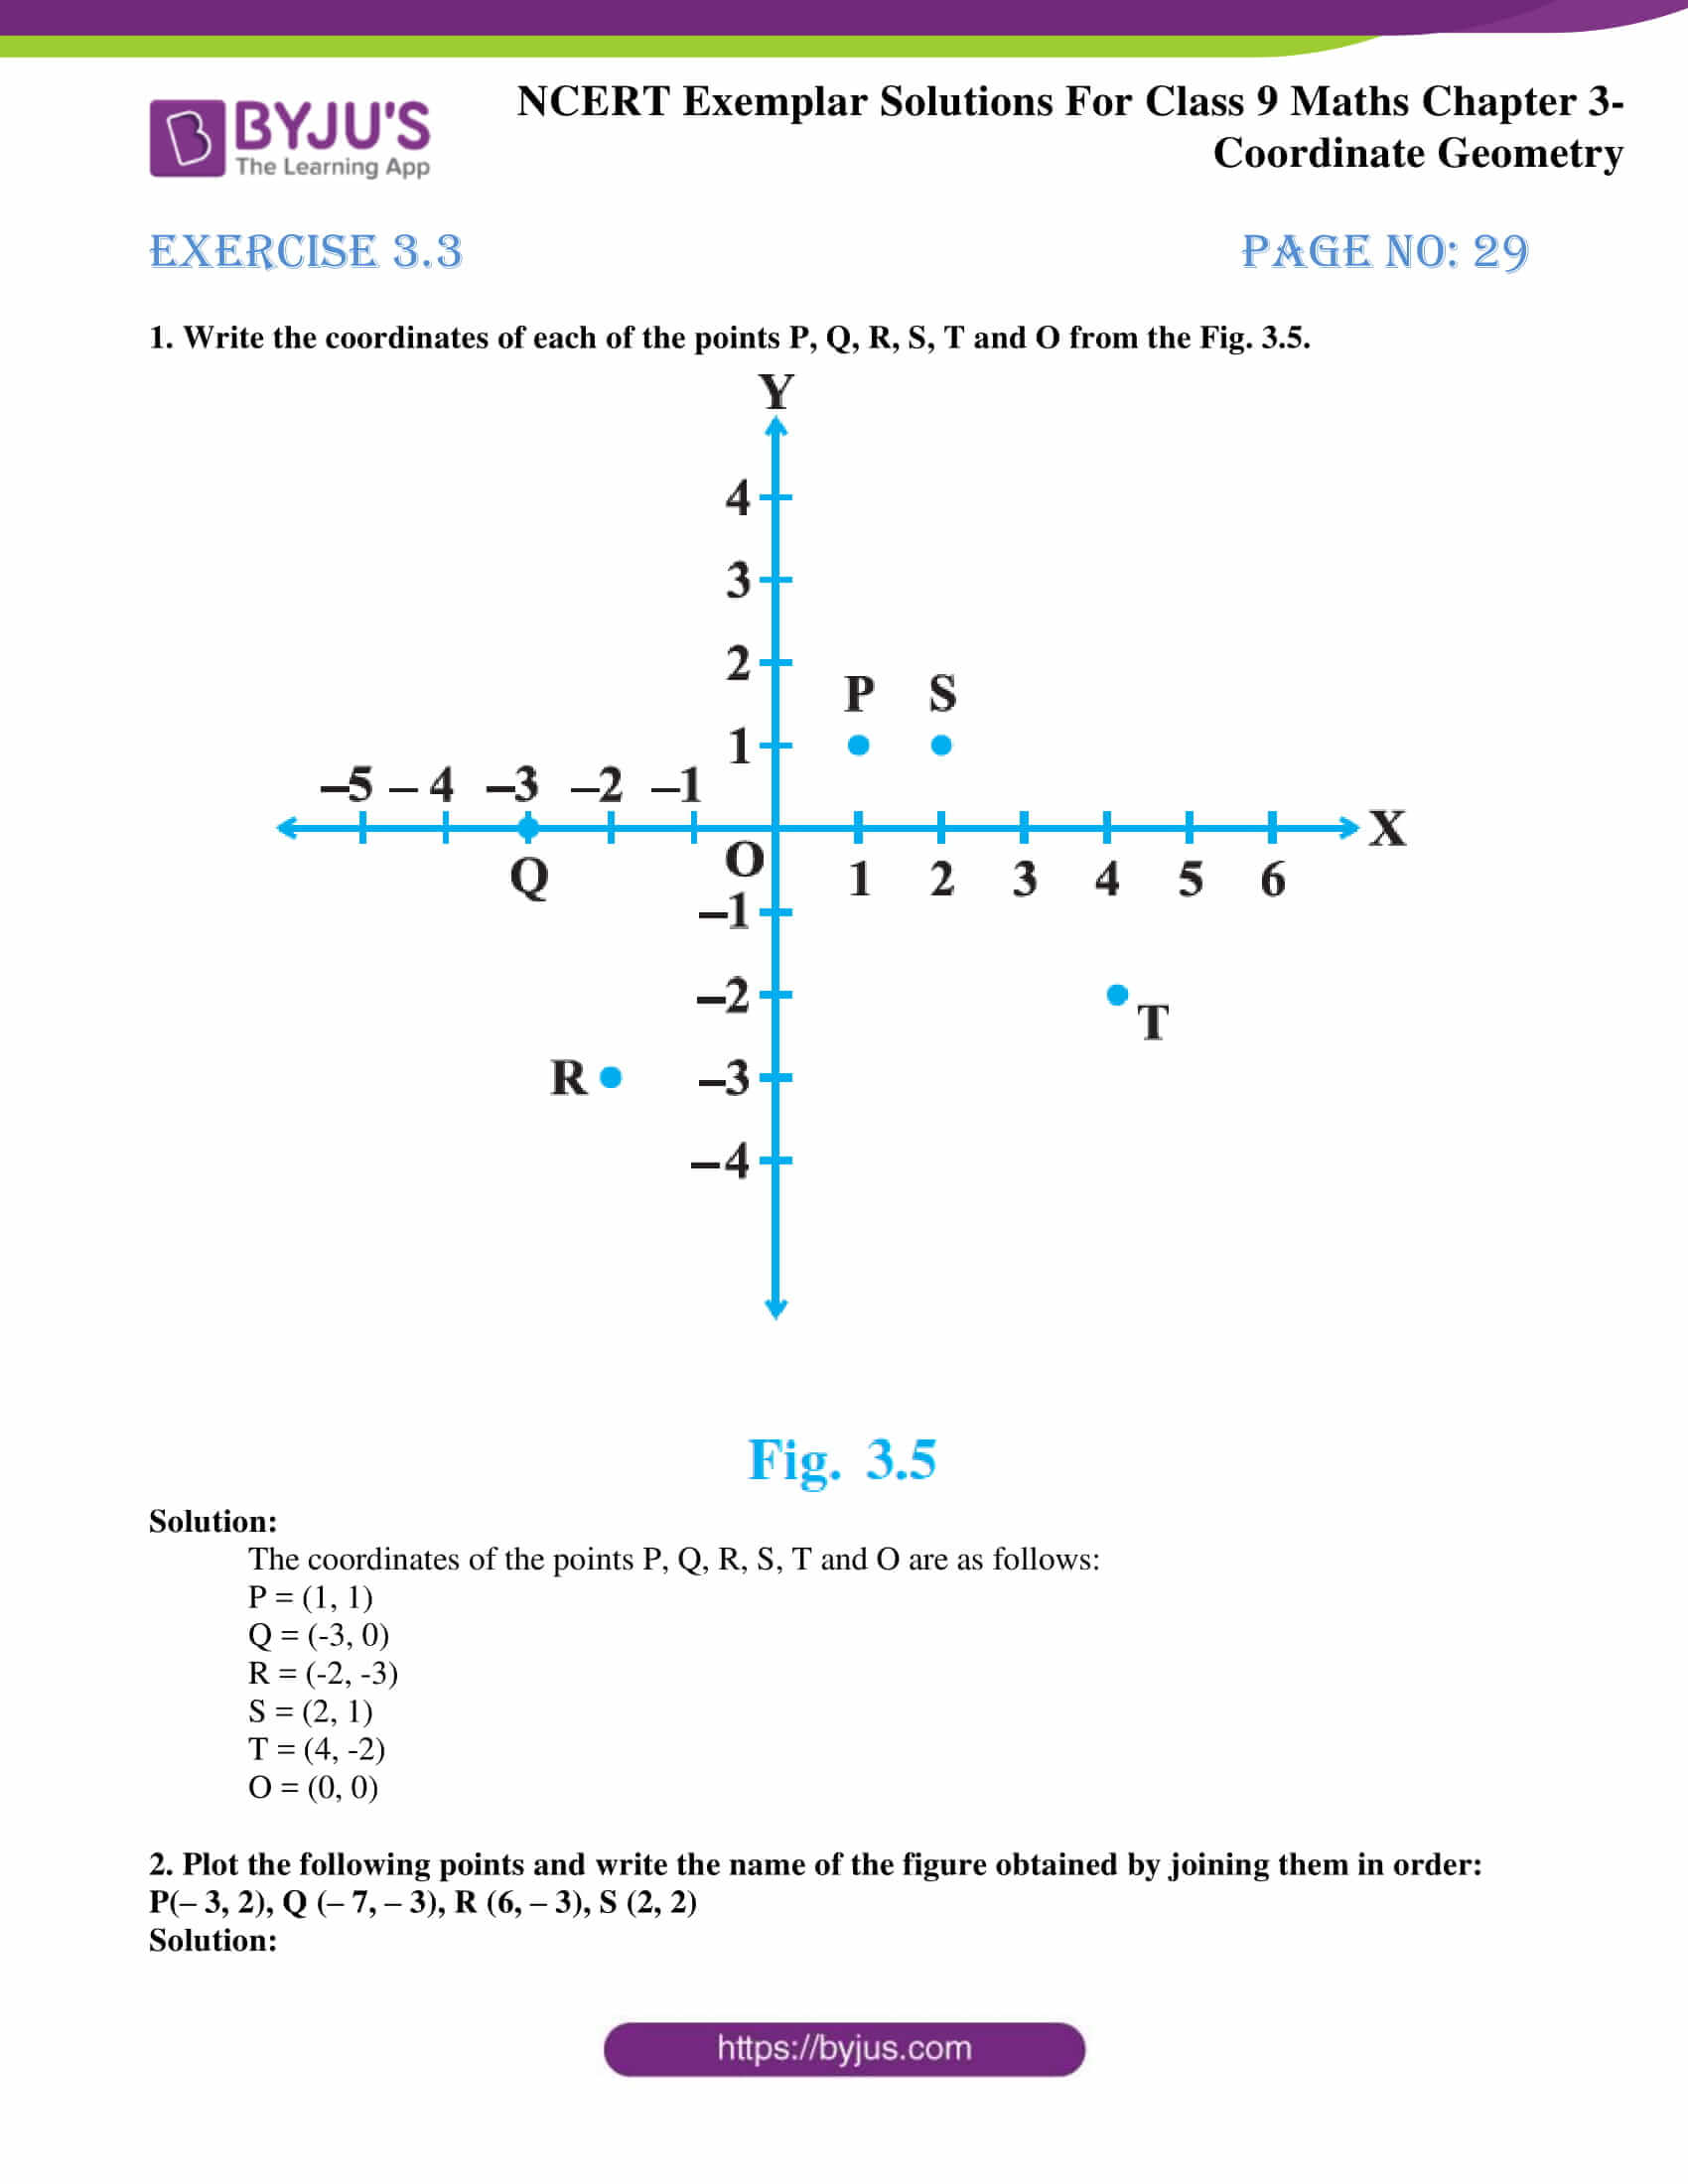 NCERT Exemplar Solutions for Class 9 Maths Chapter 3 06